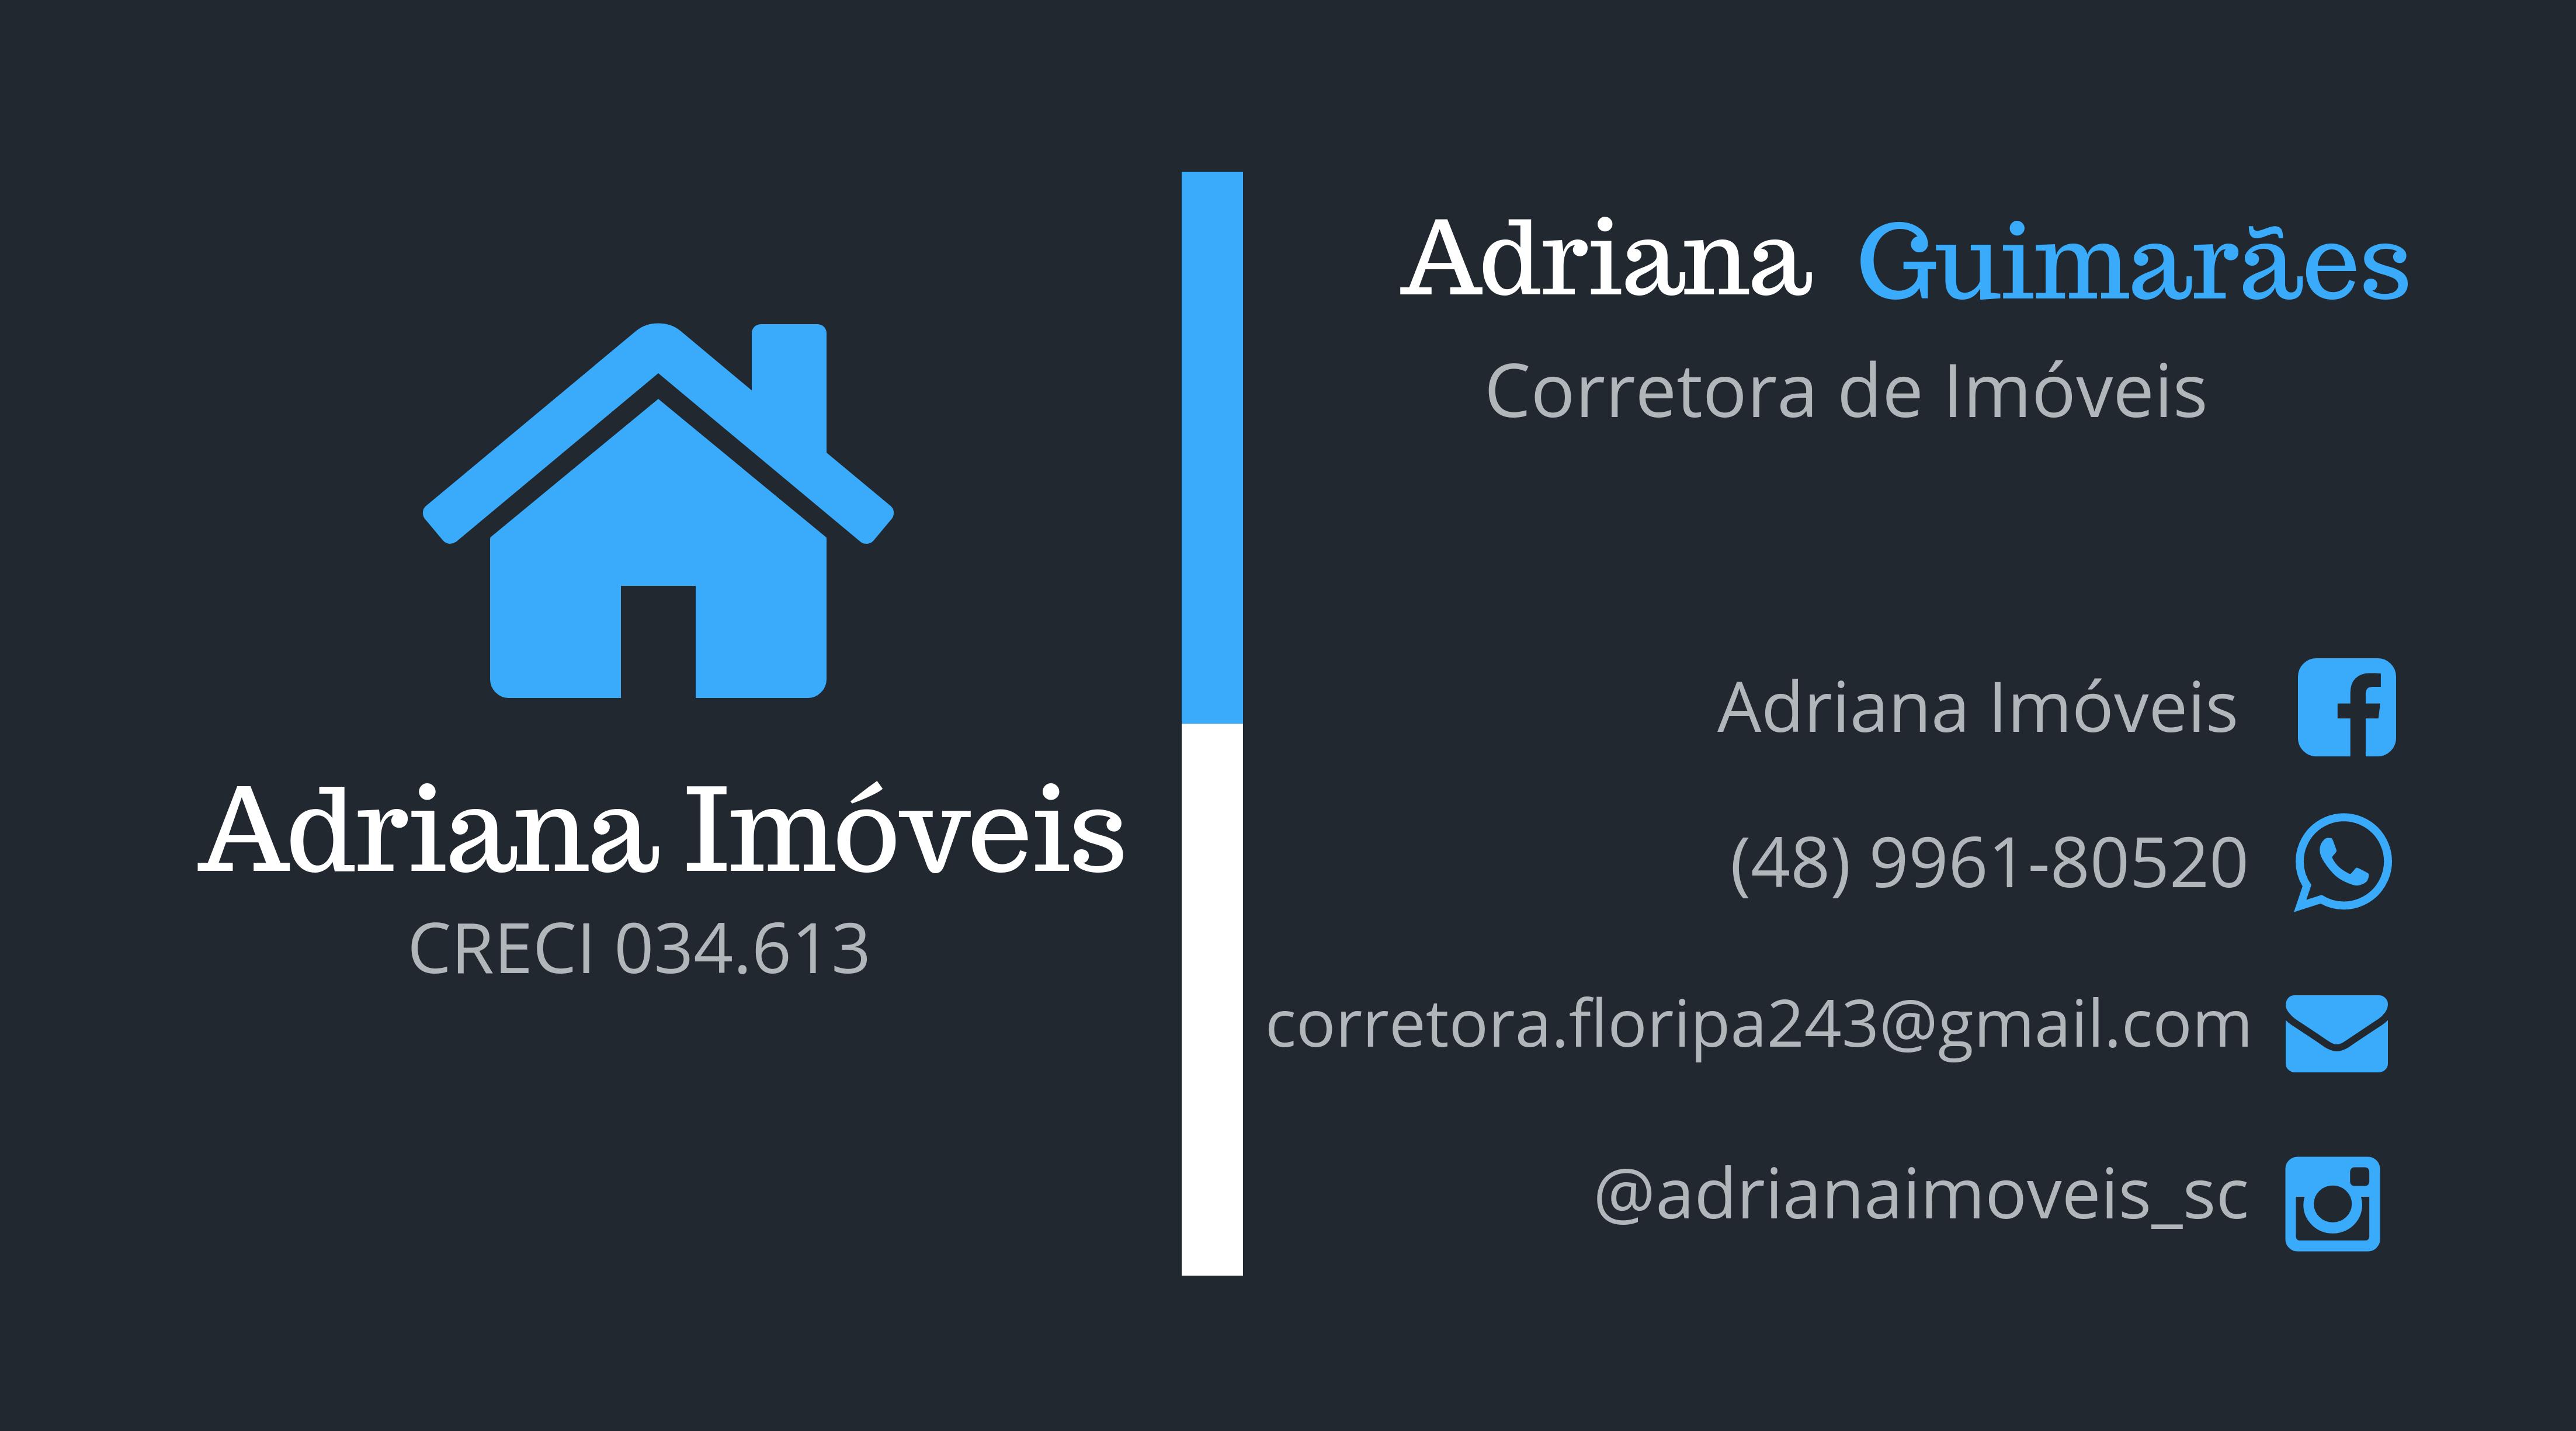 ADRIANA GUIMARAES